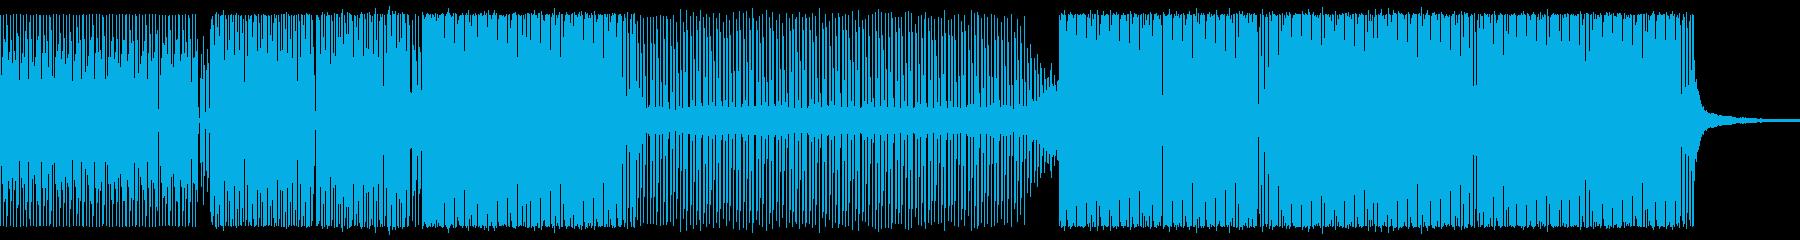 ファンキーハウス。の再生済みの波形